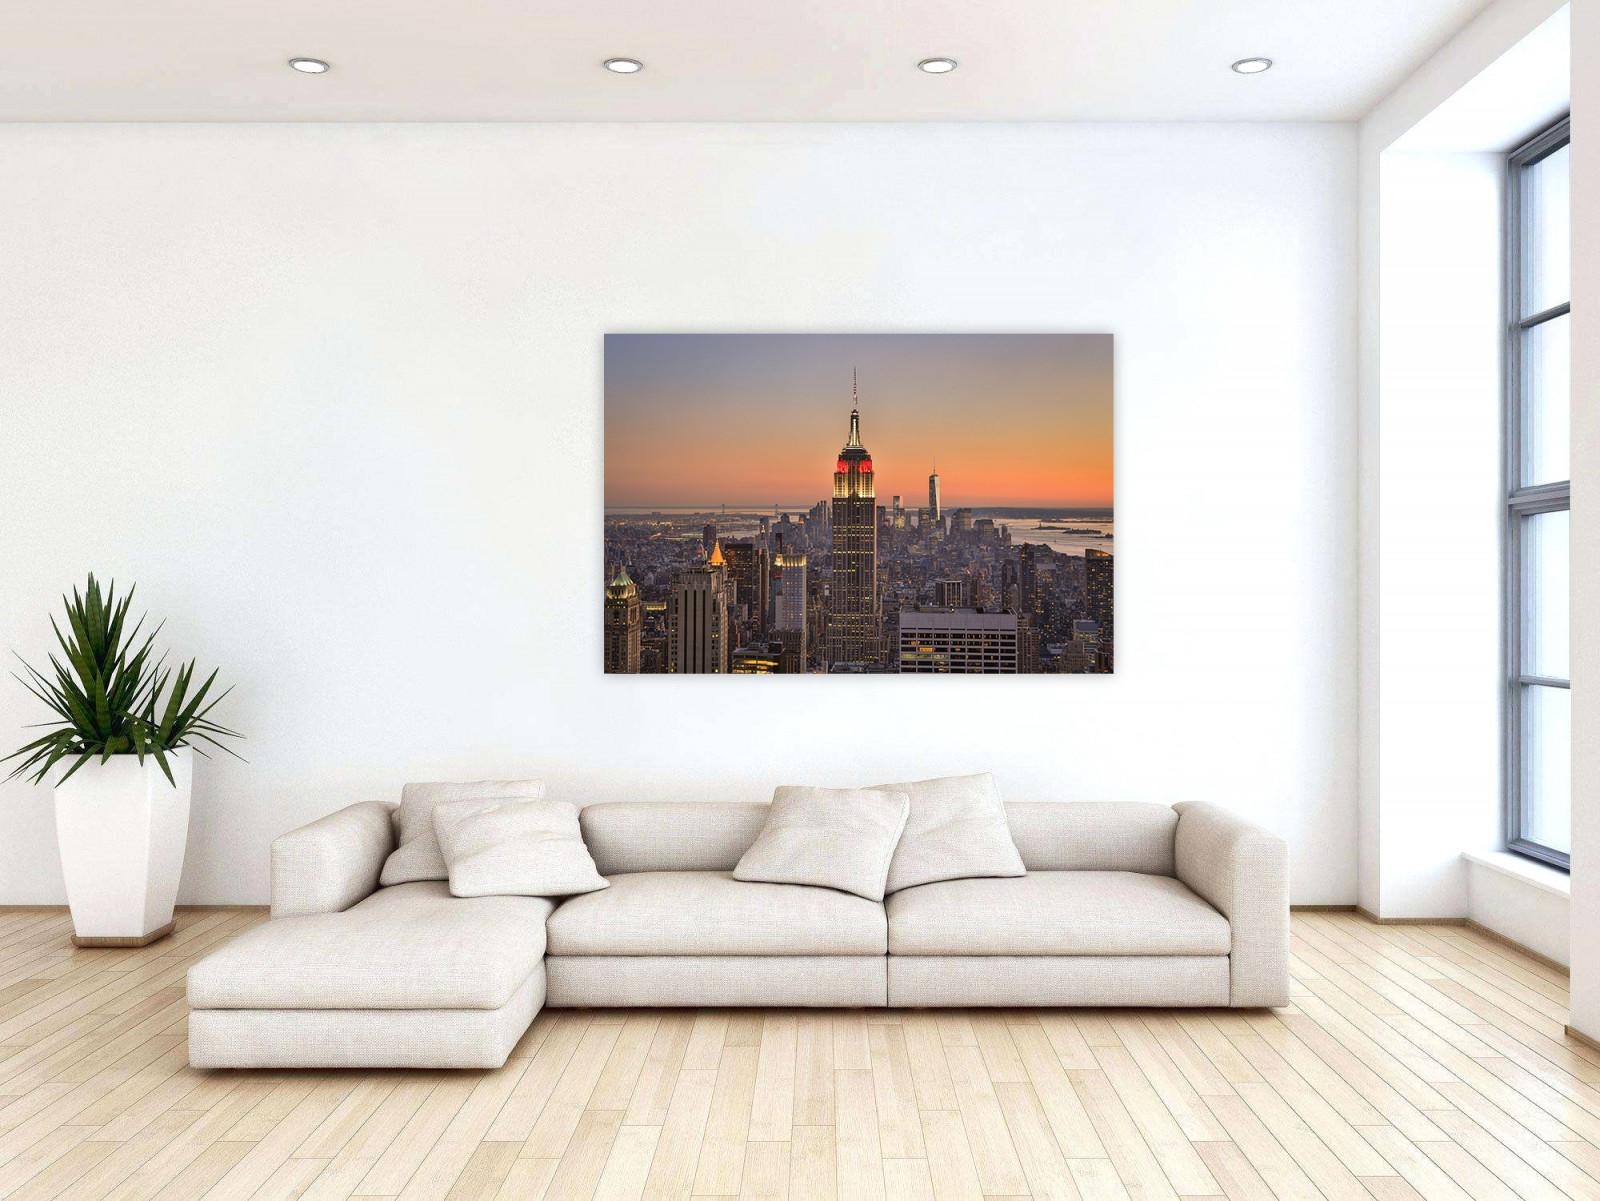 Phantasievollebilderwohnzimmerabstraktundinspiration von Bilder Wohnzimmer Groß Photo